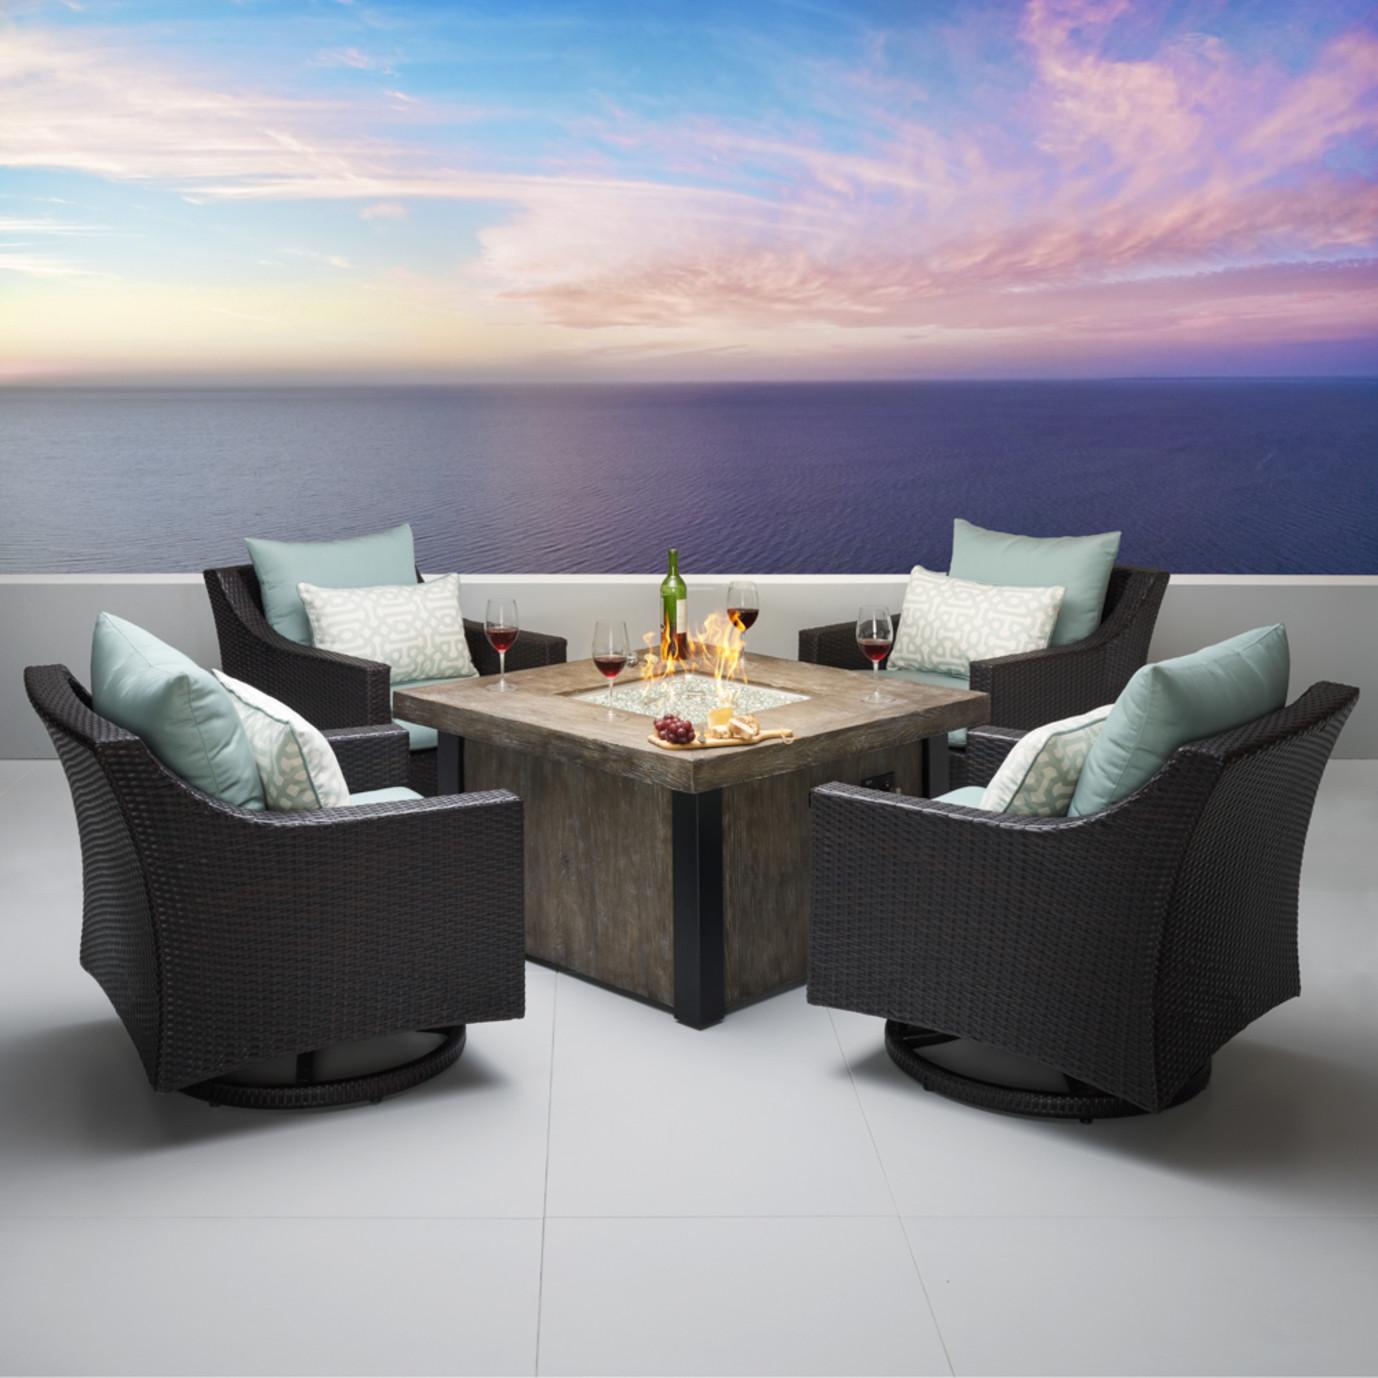 Deco™ 5pc Motion Fire Chat Set - Spa Blue